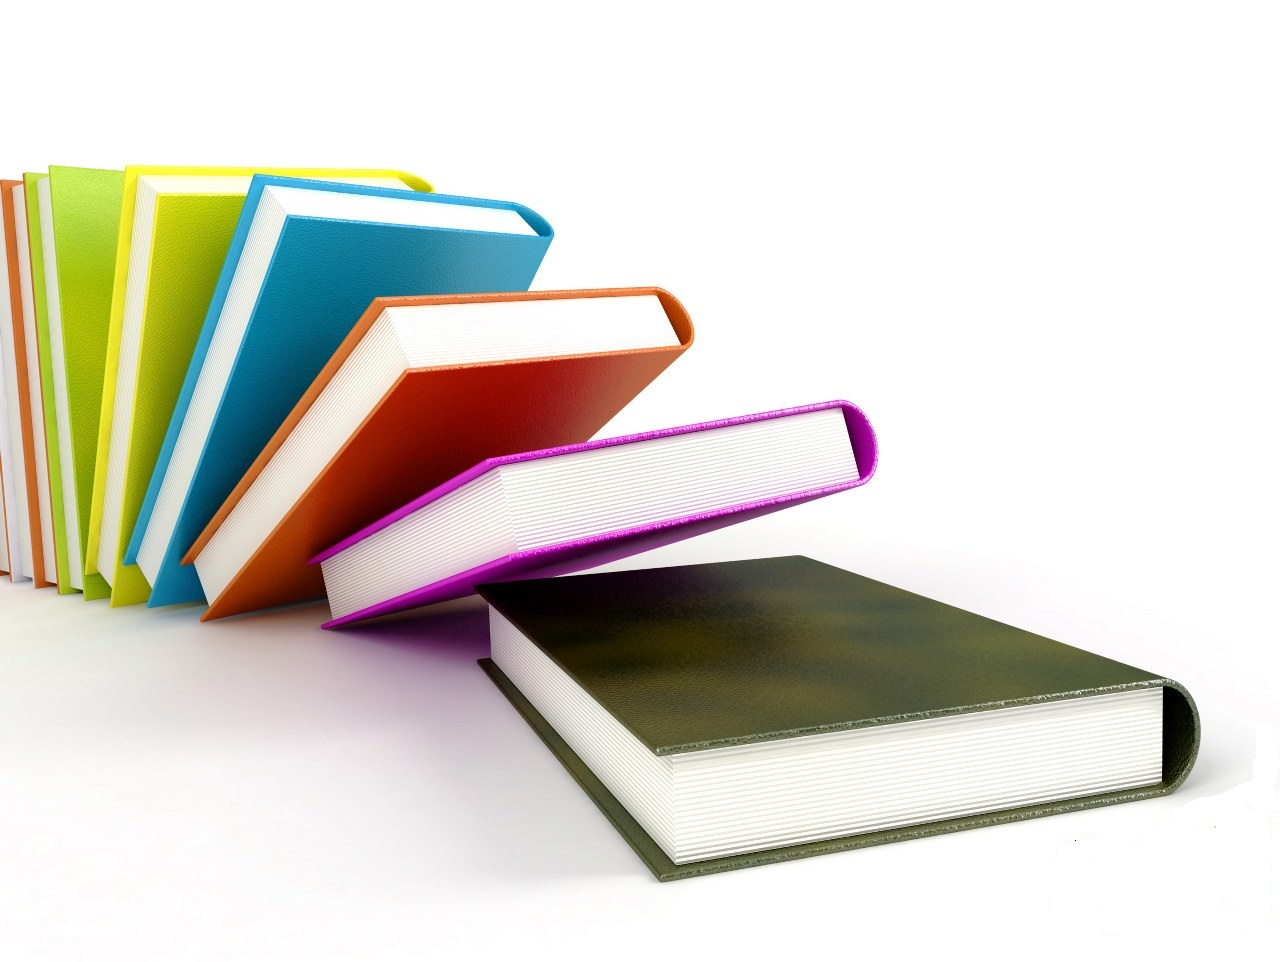 مدیریت کتابفروشی